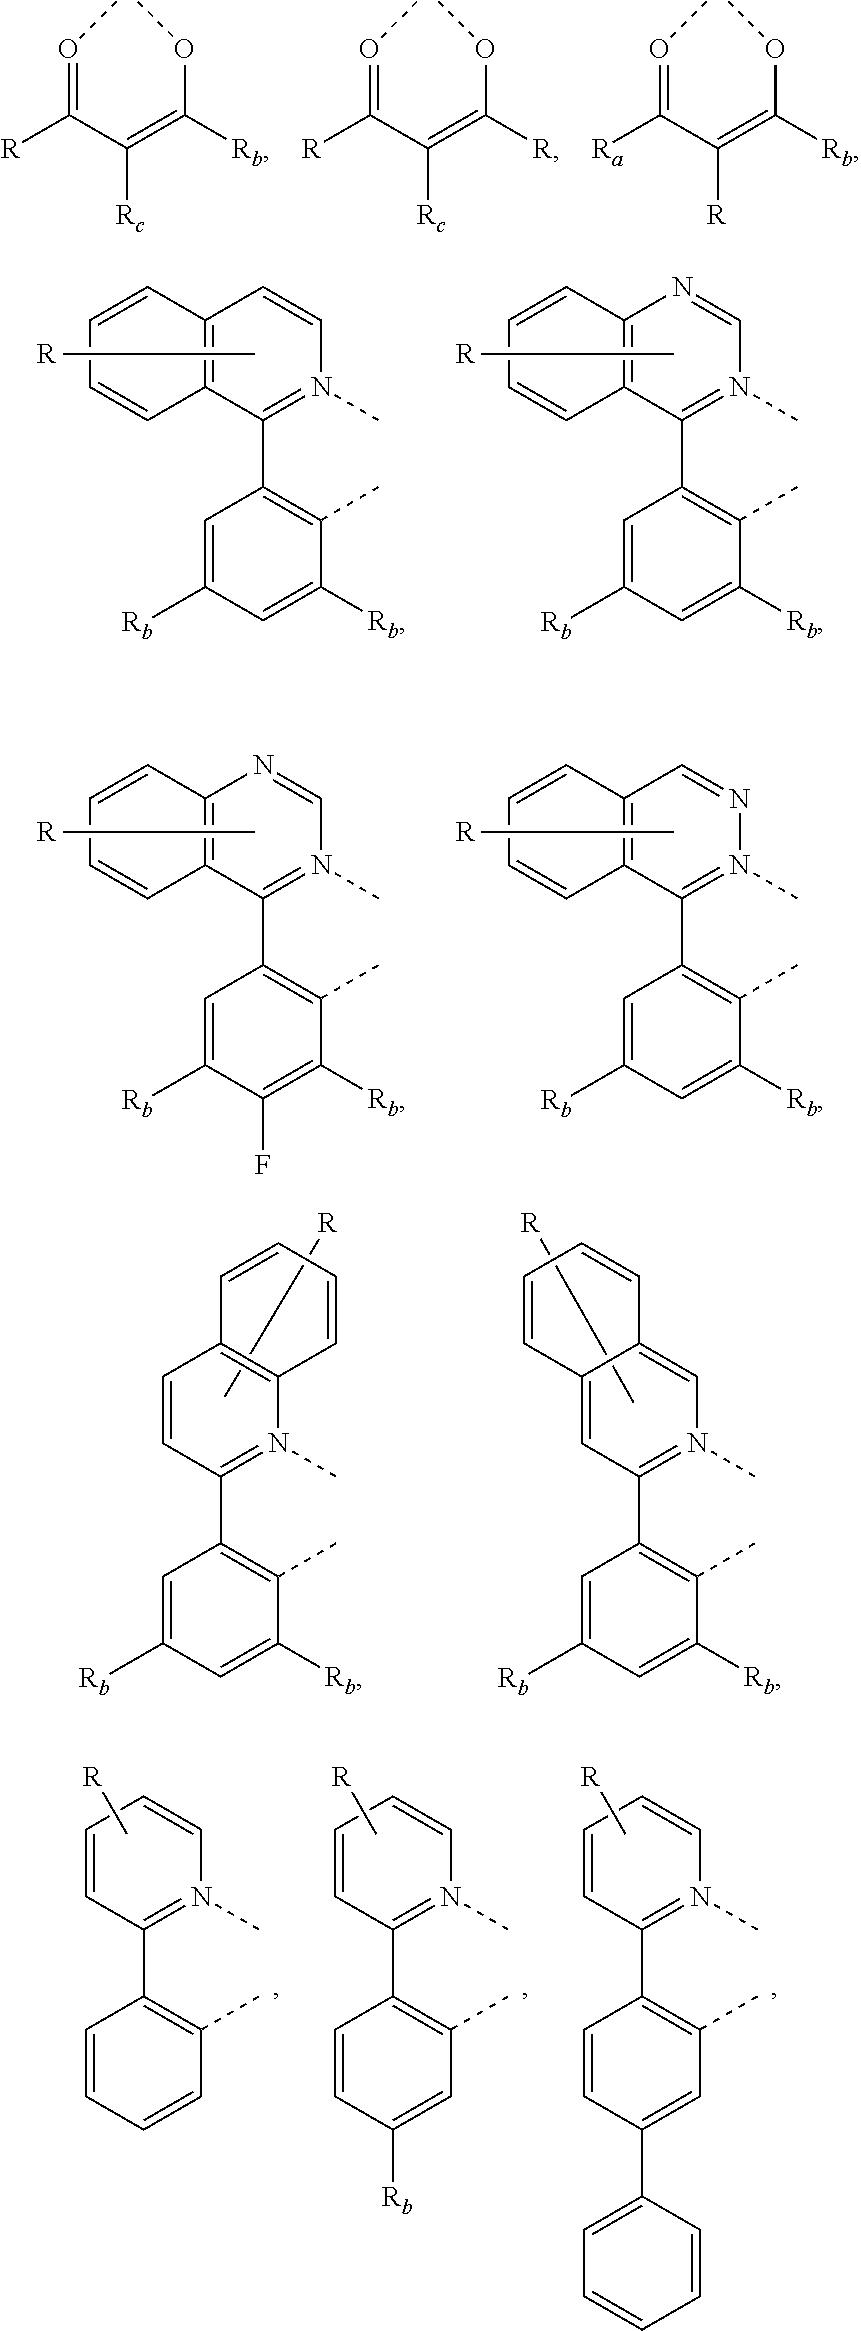 Figure US20180130962A1-20180510-C00025